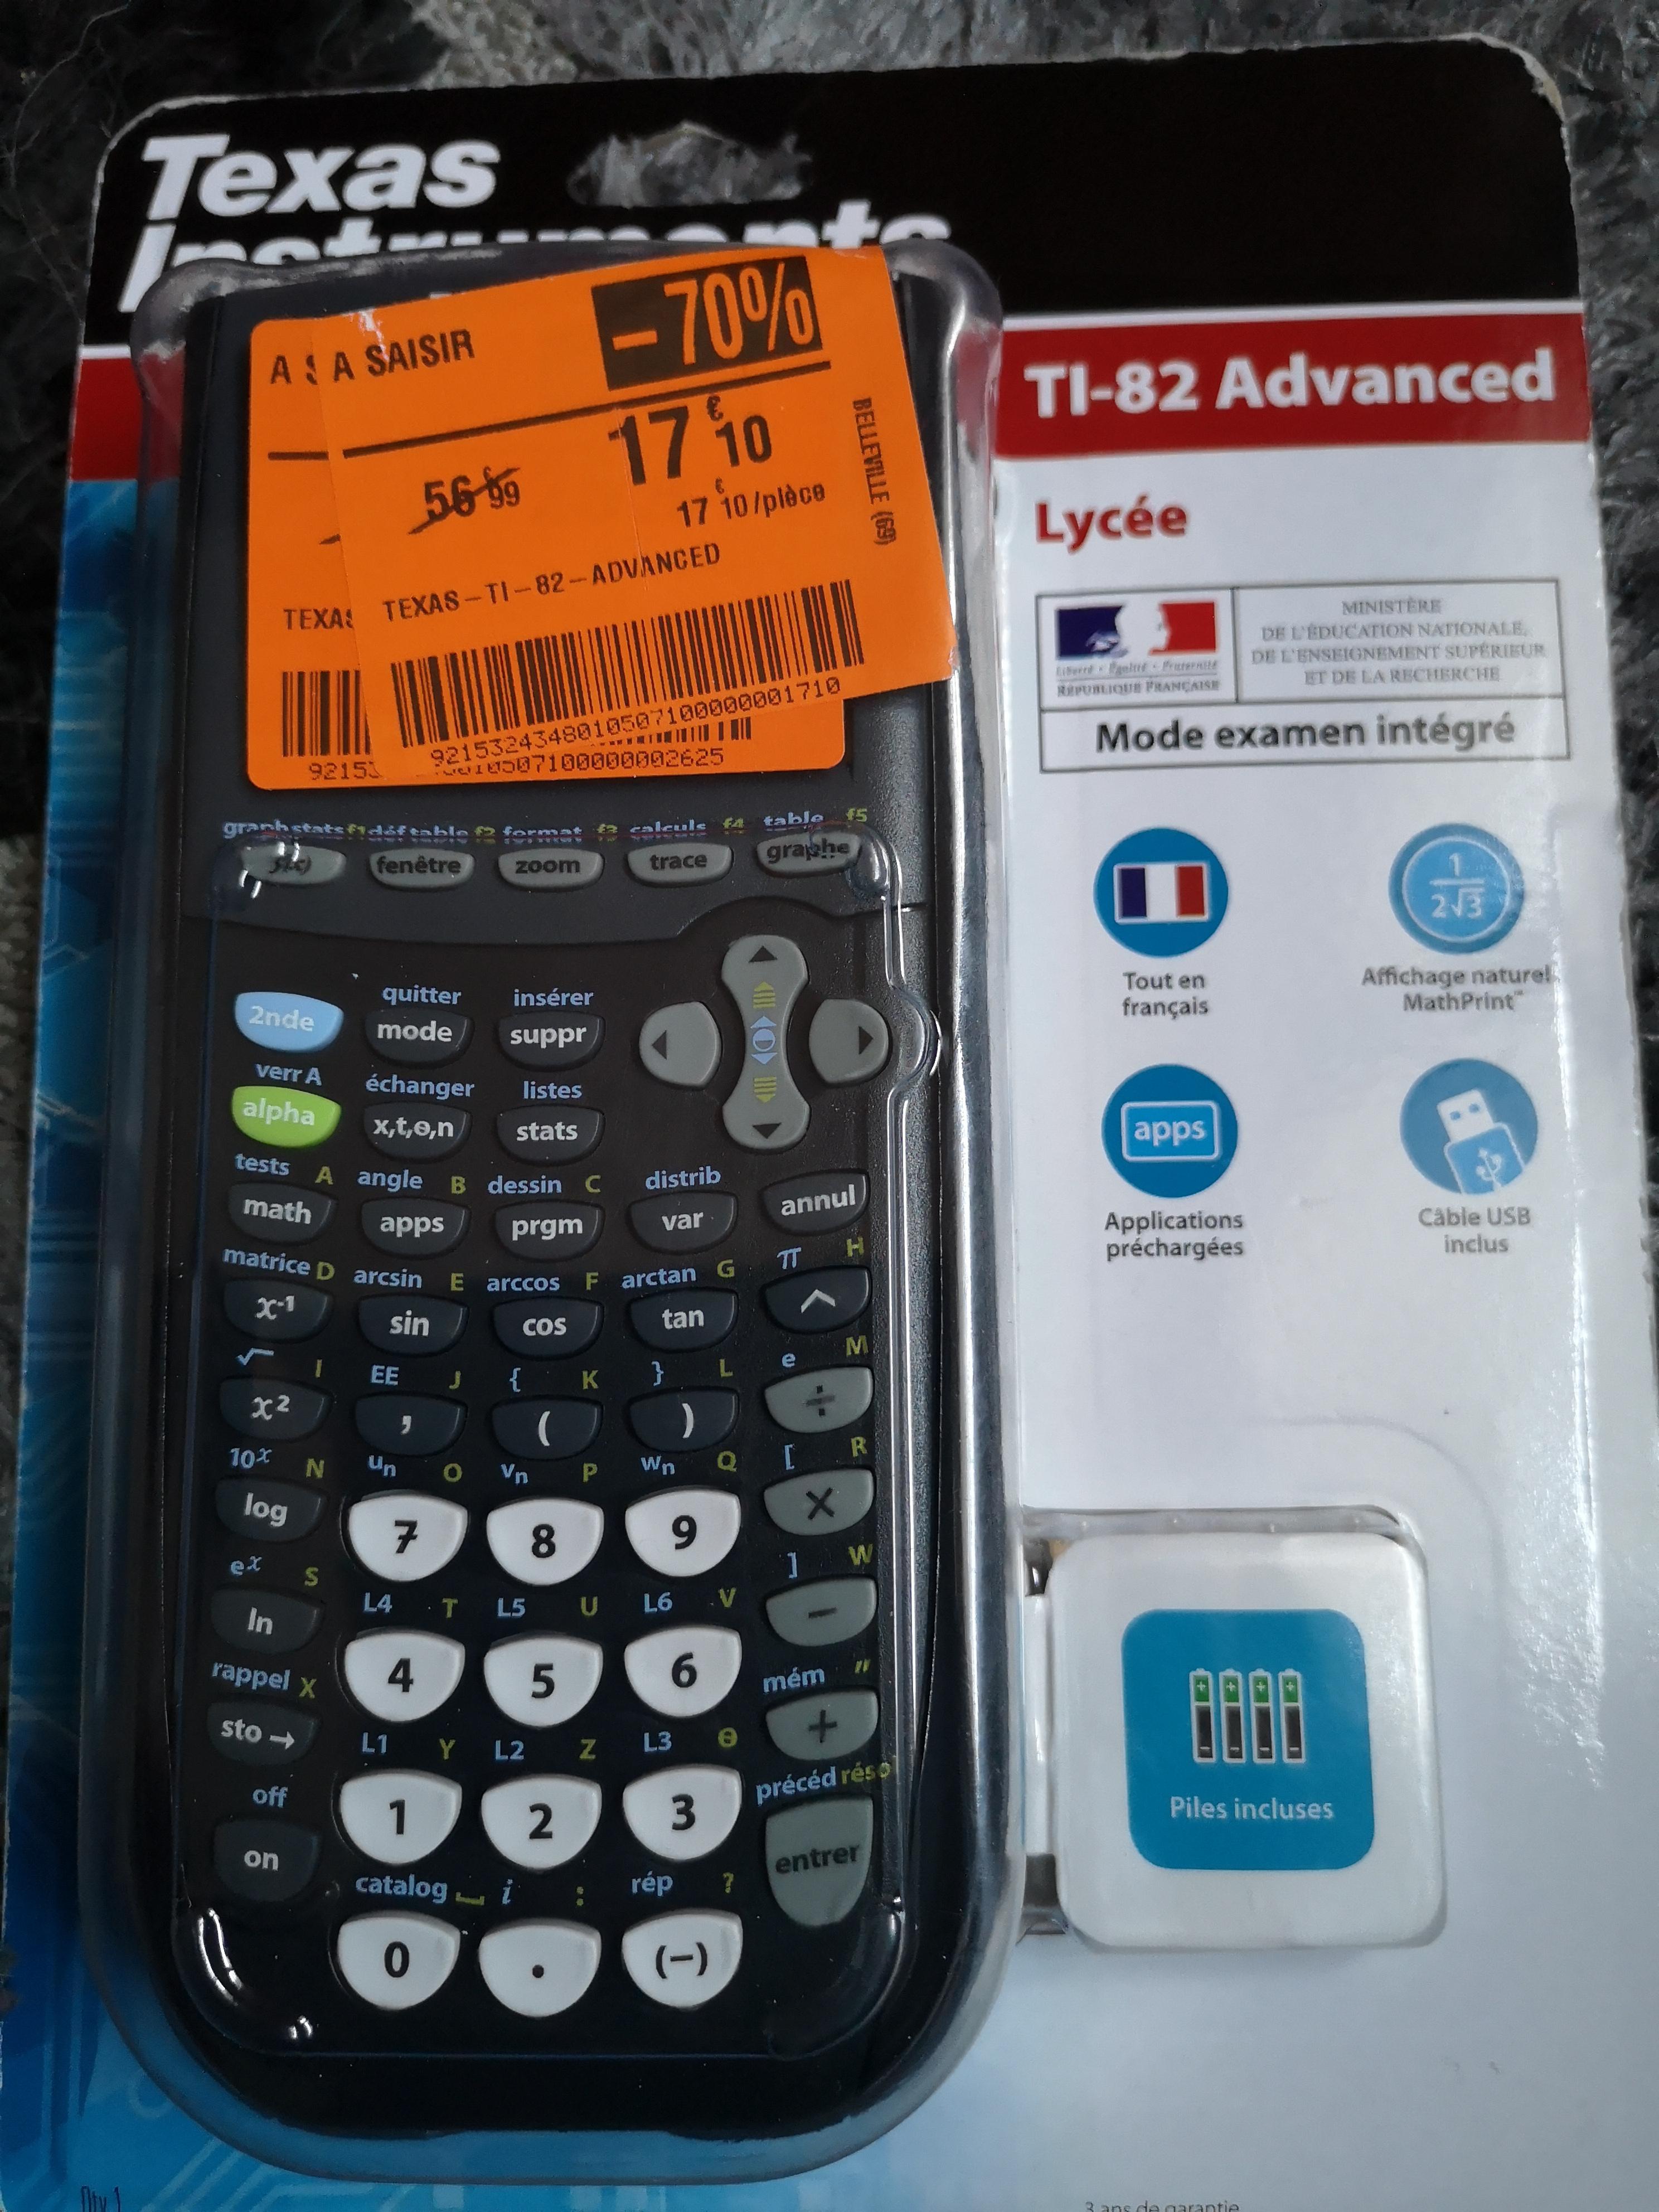 Calculatrice Texas instruments ti-82 advanced - Belleville-en-Beaujolais (69)